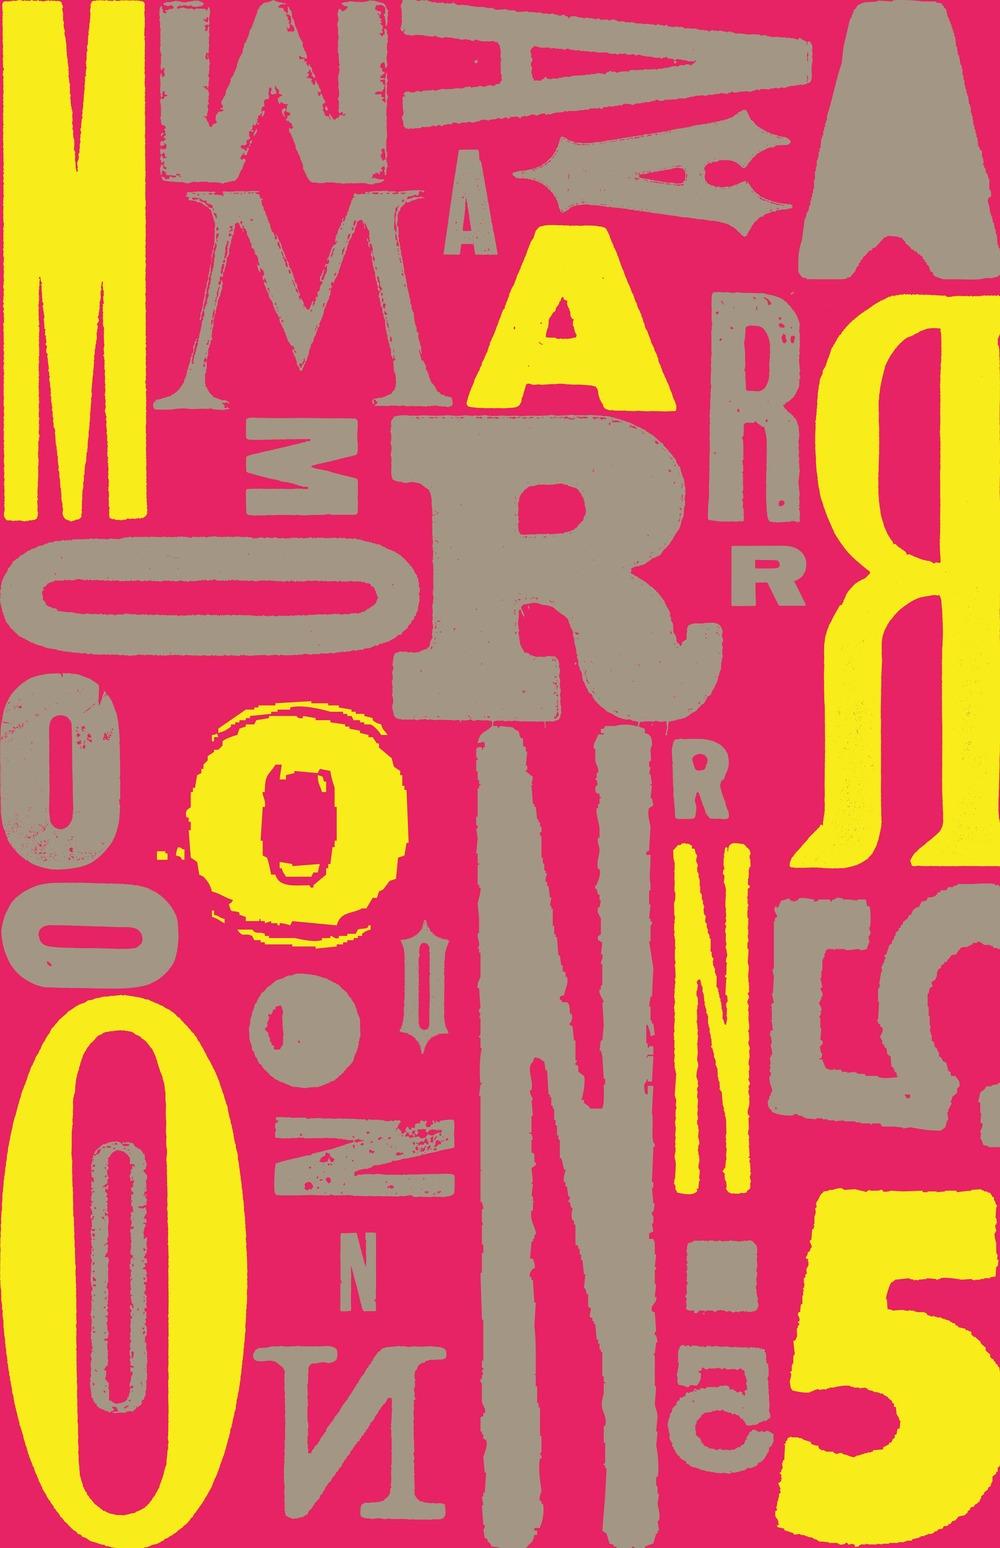 music poster for Maroon5.jpg